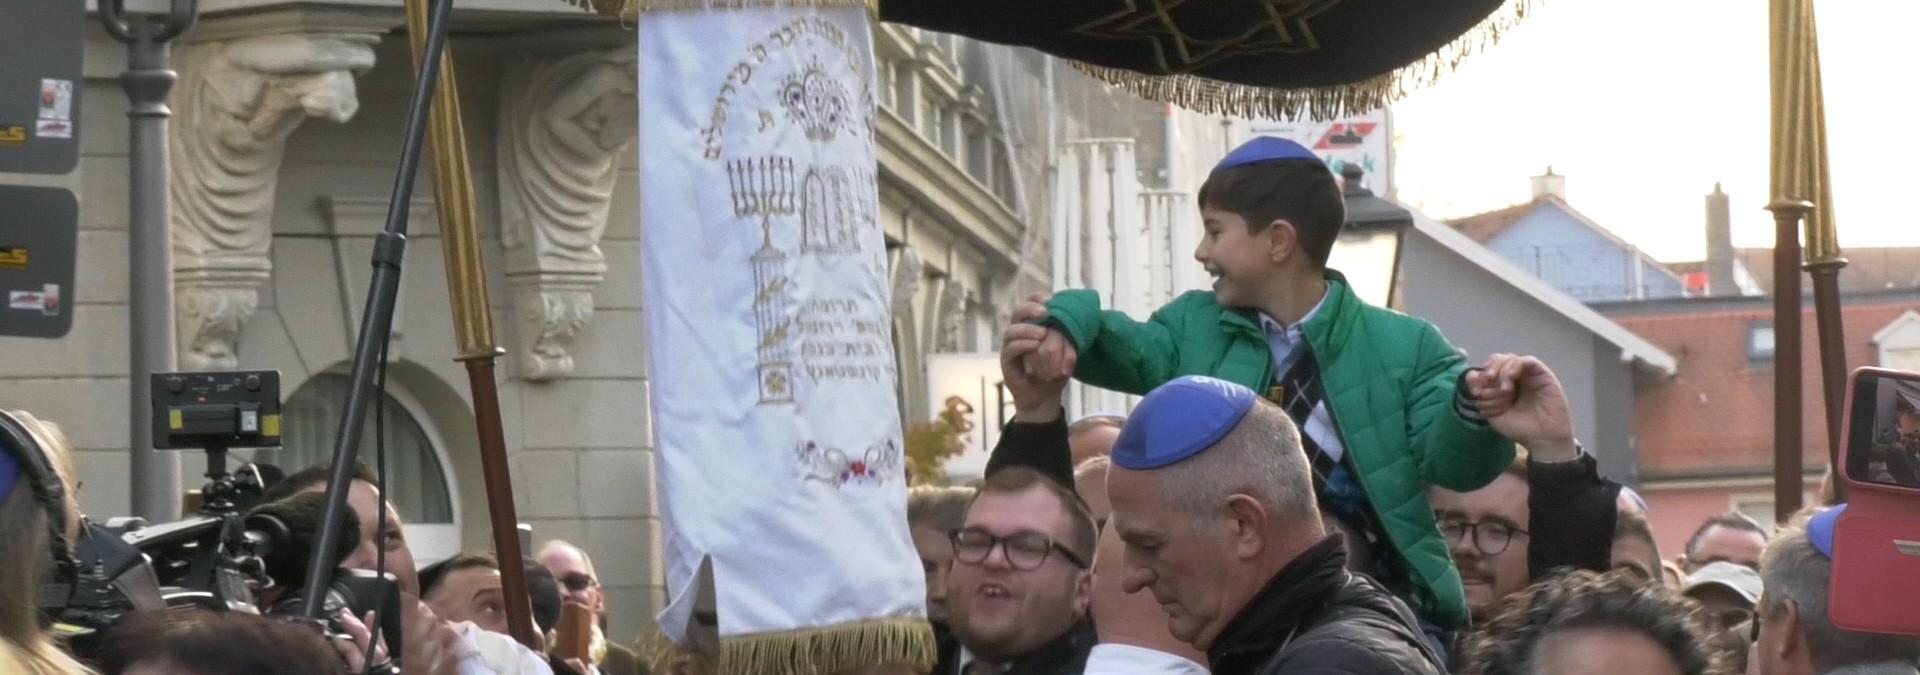 Juden feiern Neue Synagoge in Konstanz